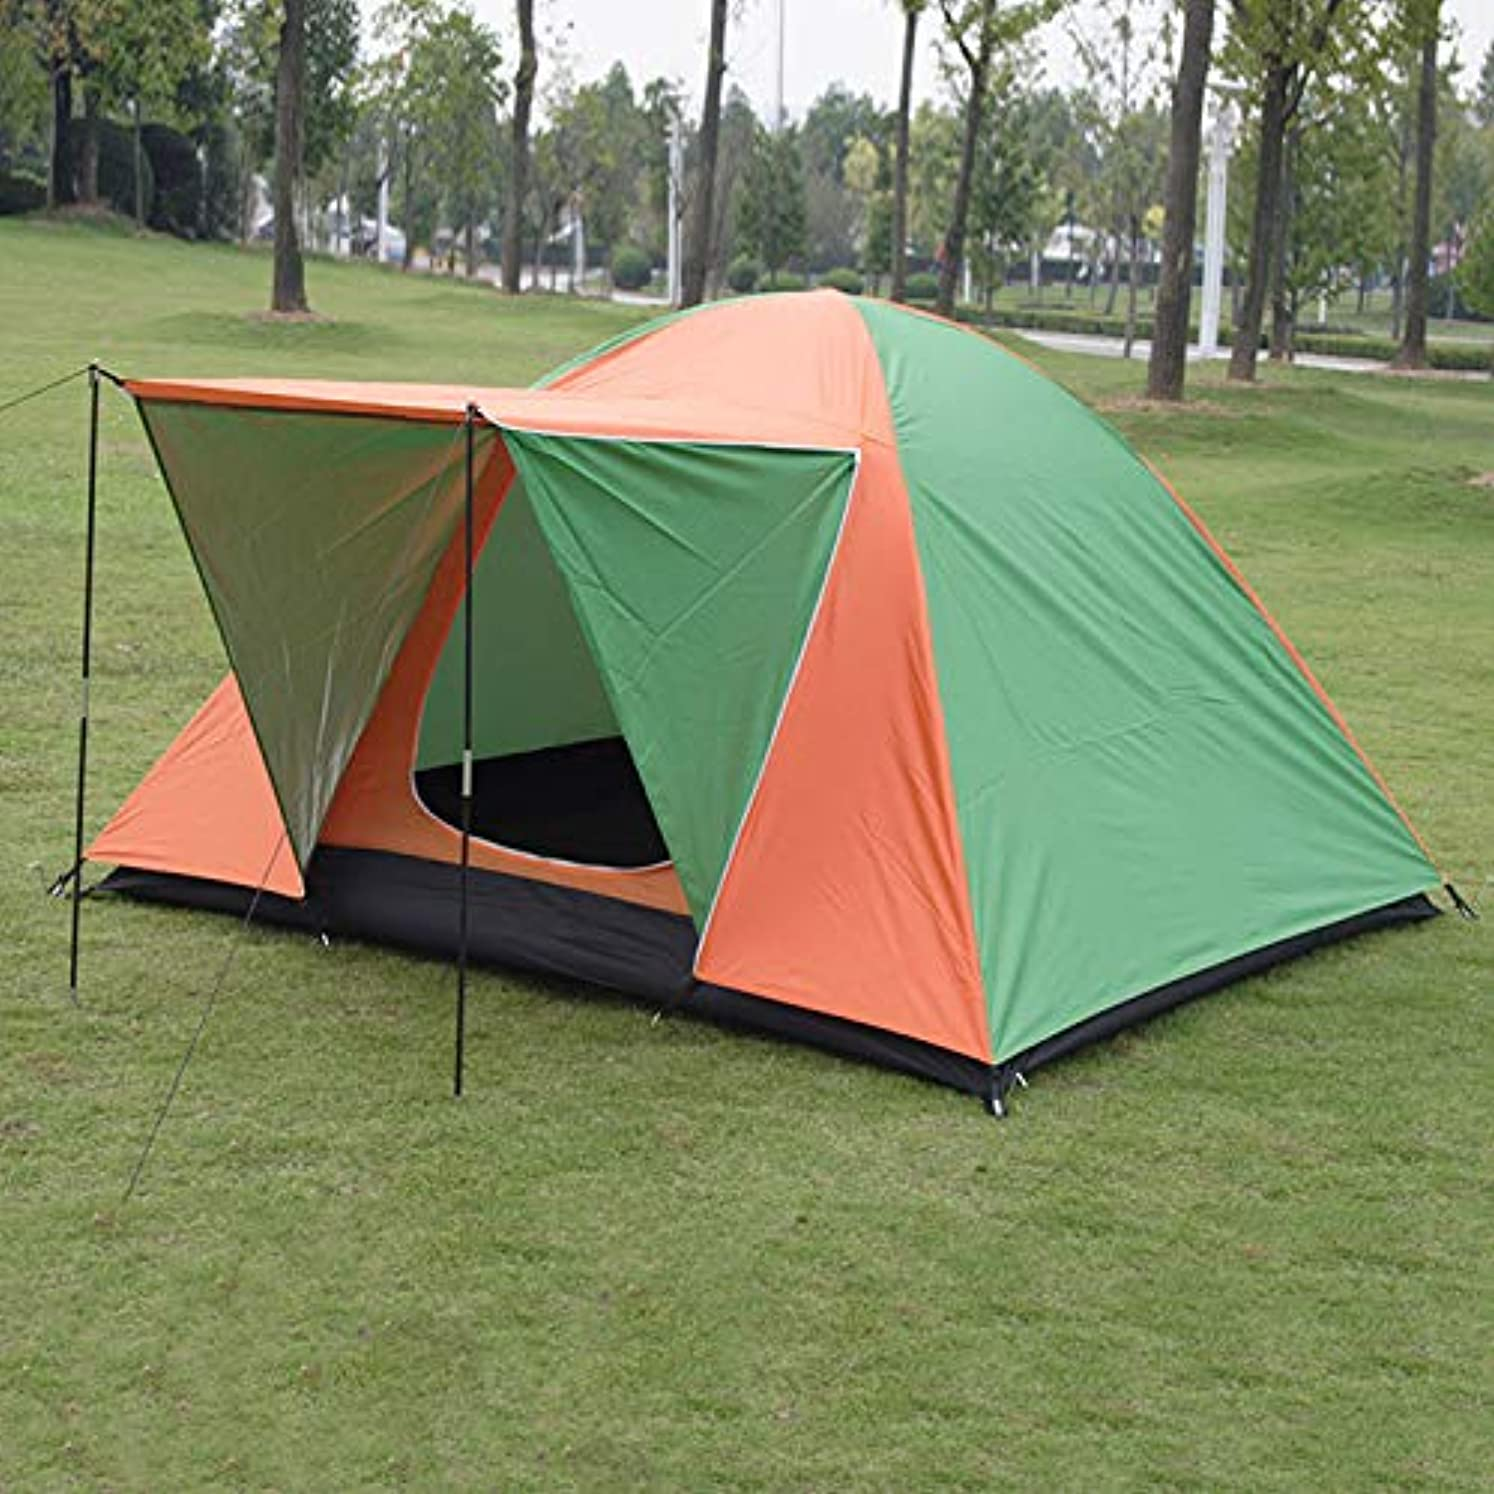 特別な参加者恥ずかしさ屋外のテント3-4、4-5、二重防水および防風キャンプマウンテンテントポータブルテント